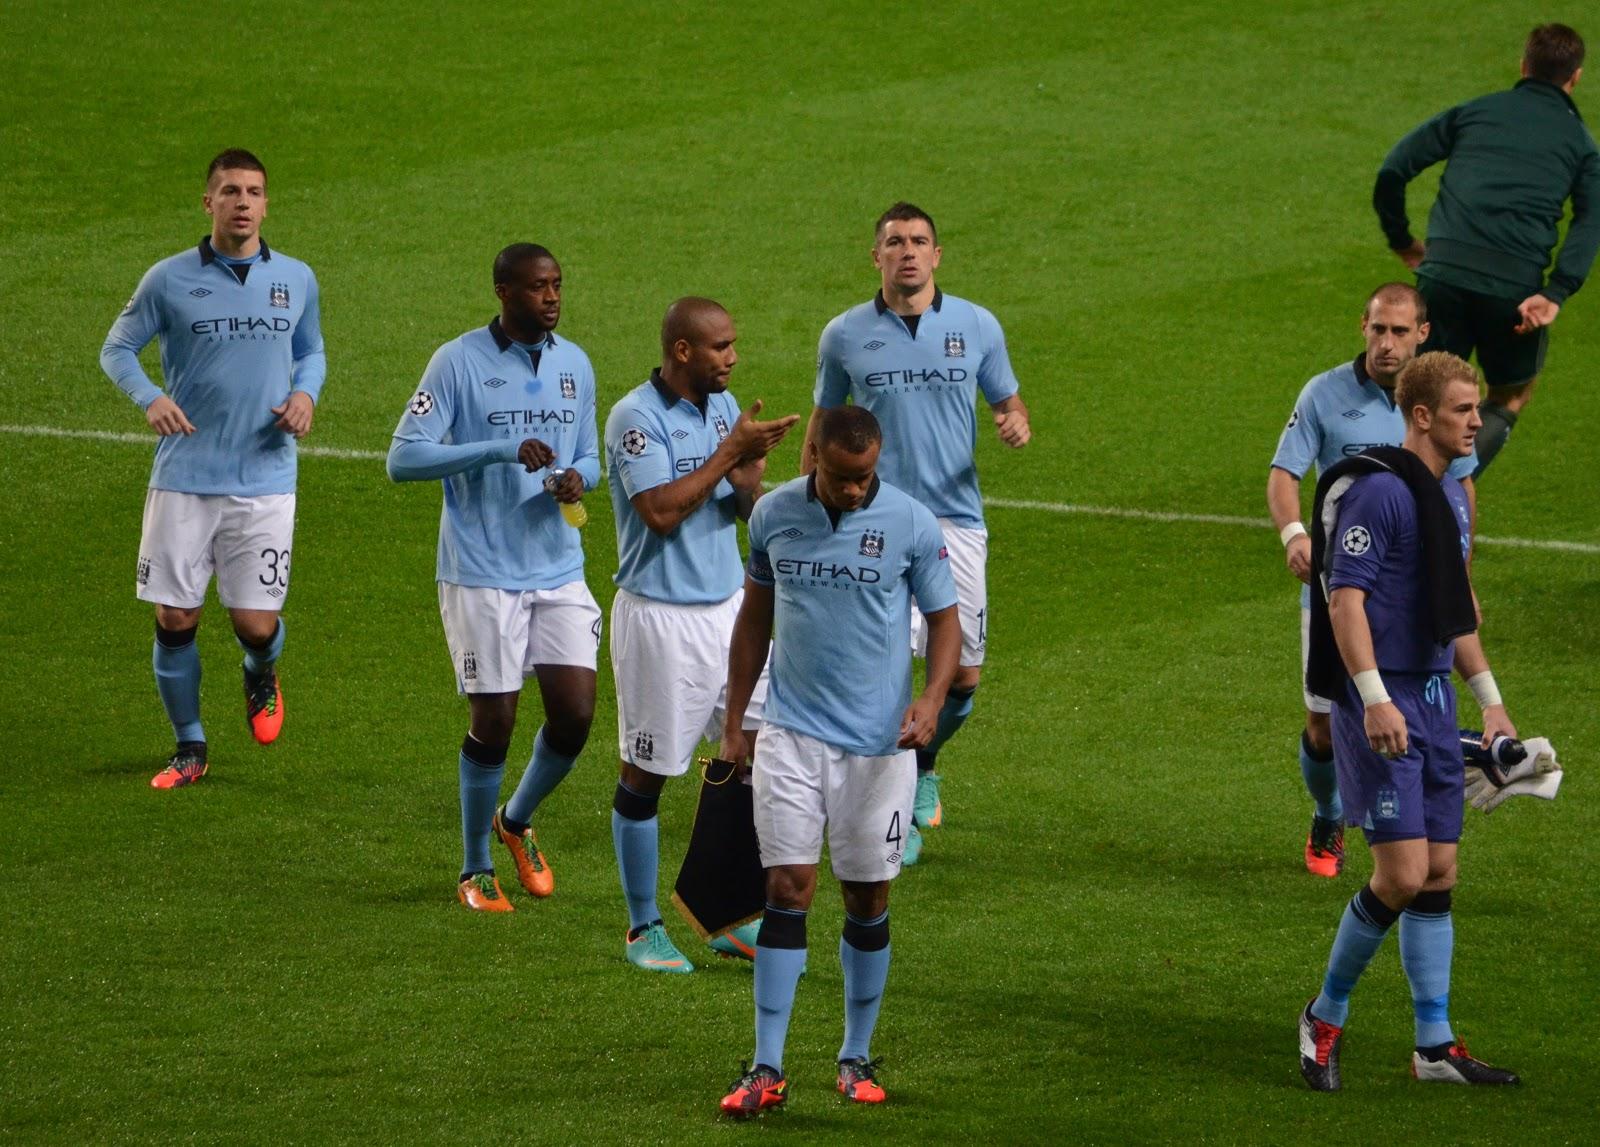 Manchester City là đội bóng vô địch Ngoại hạng anh nhiều nhất